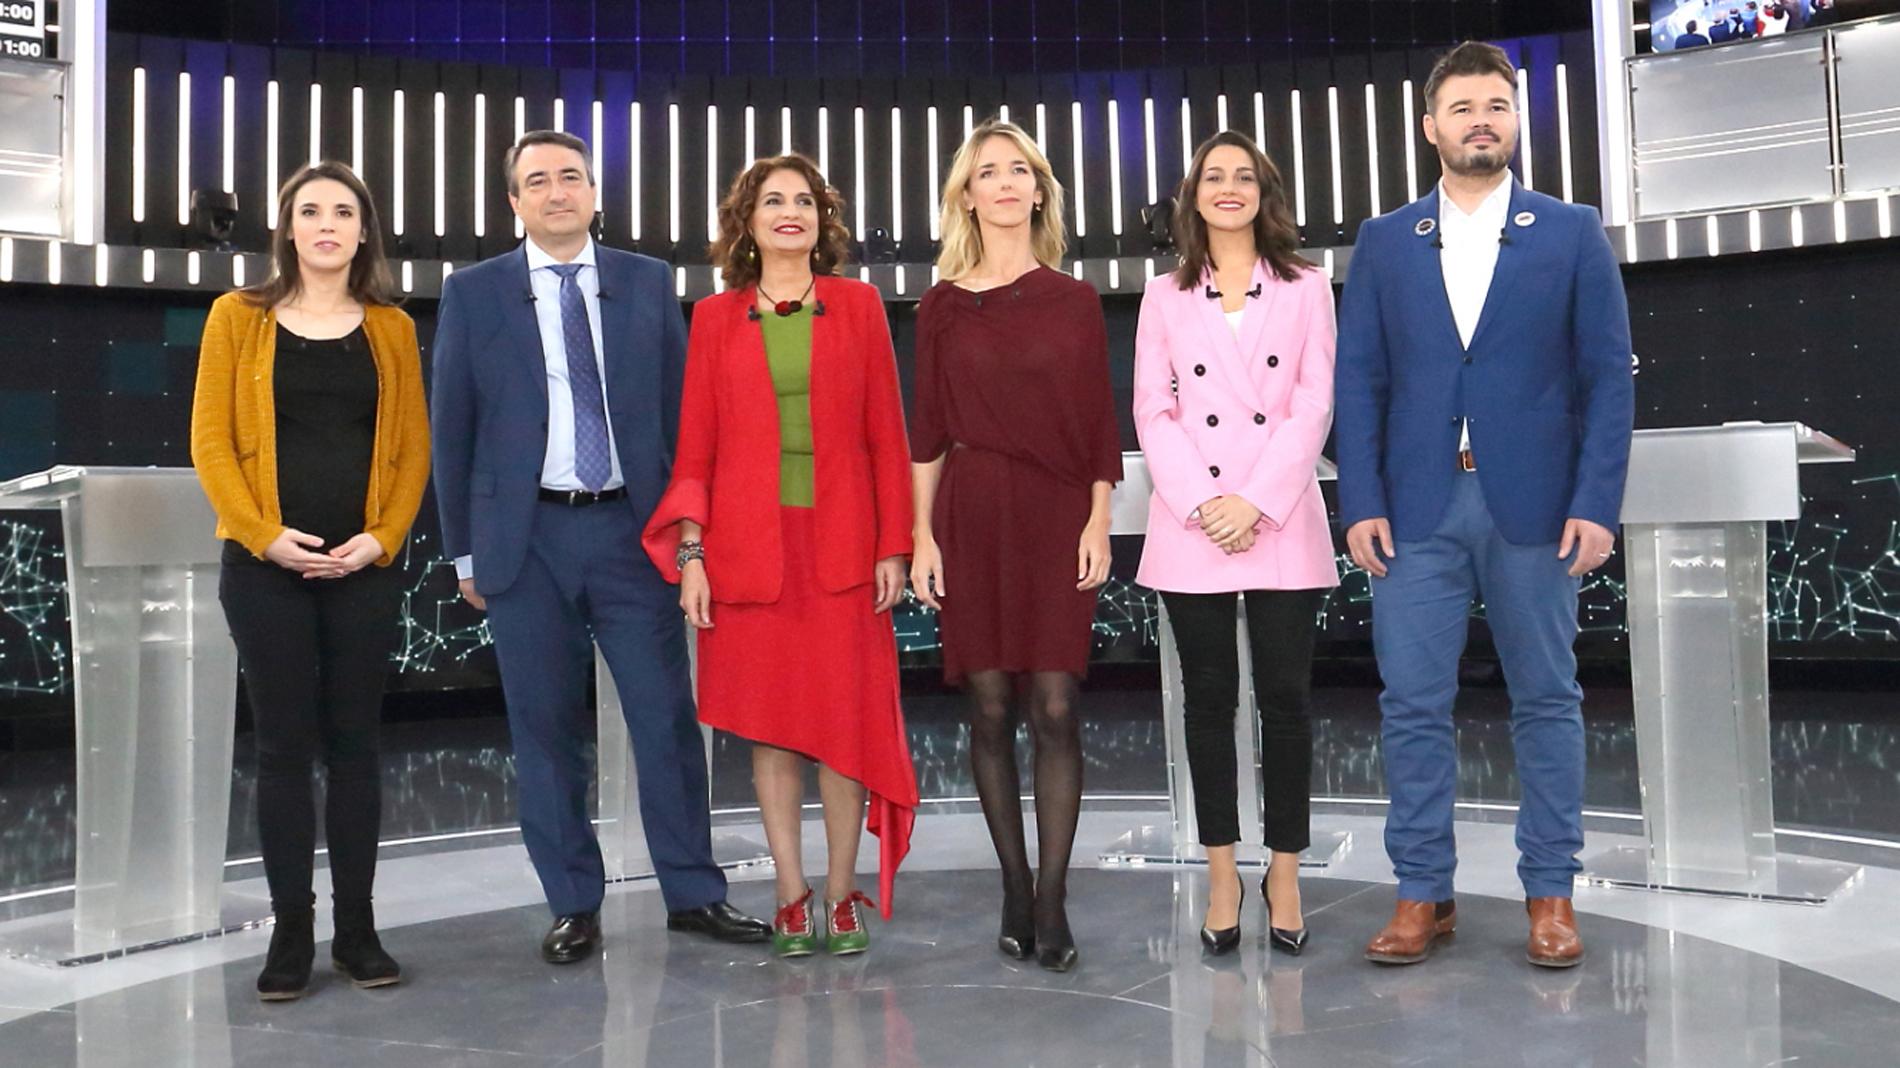 Frente común de PP y Cs contra un PSOE que no da pistas sobre sus alianzas futuras en un  debate muy tenso